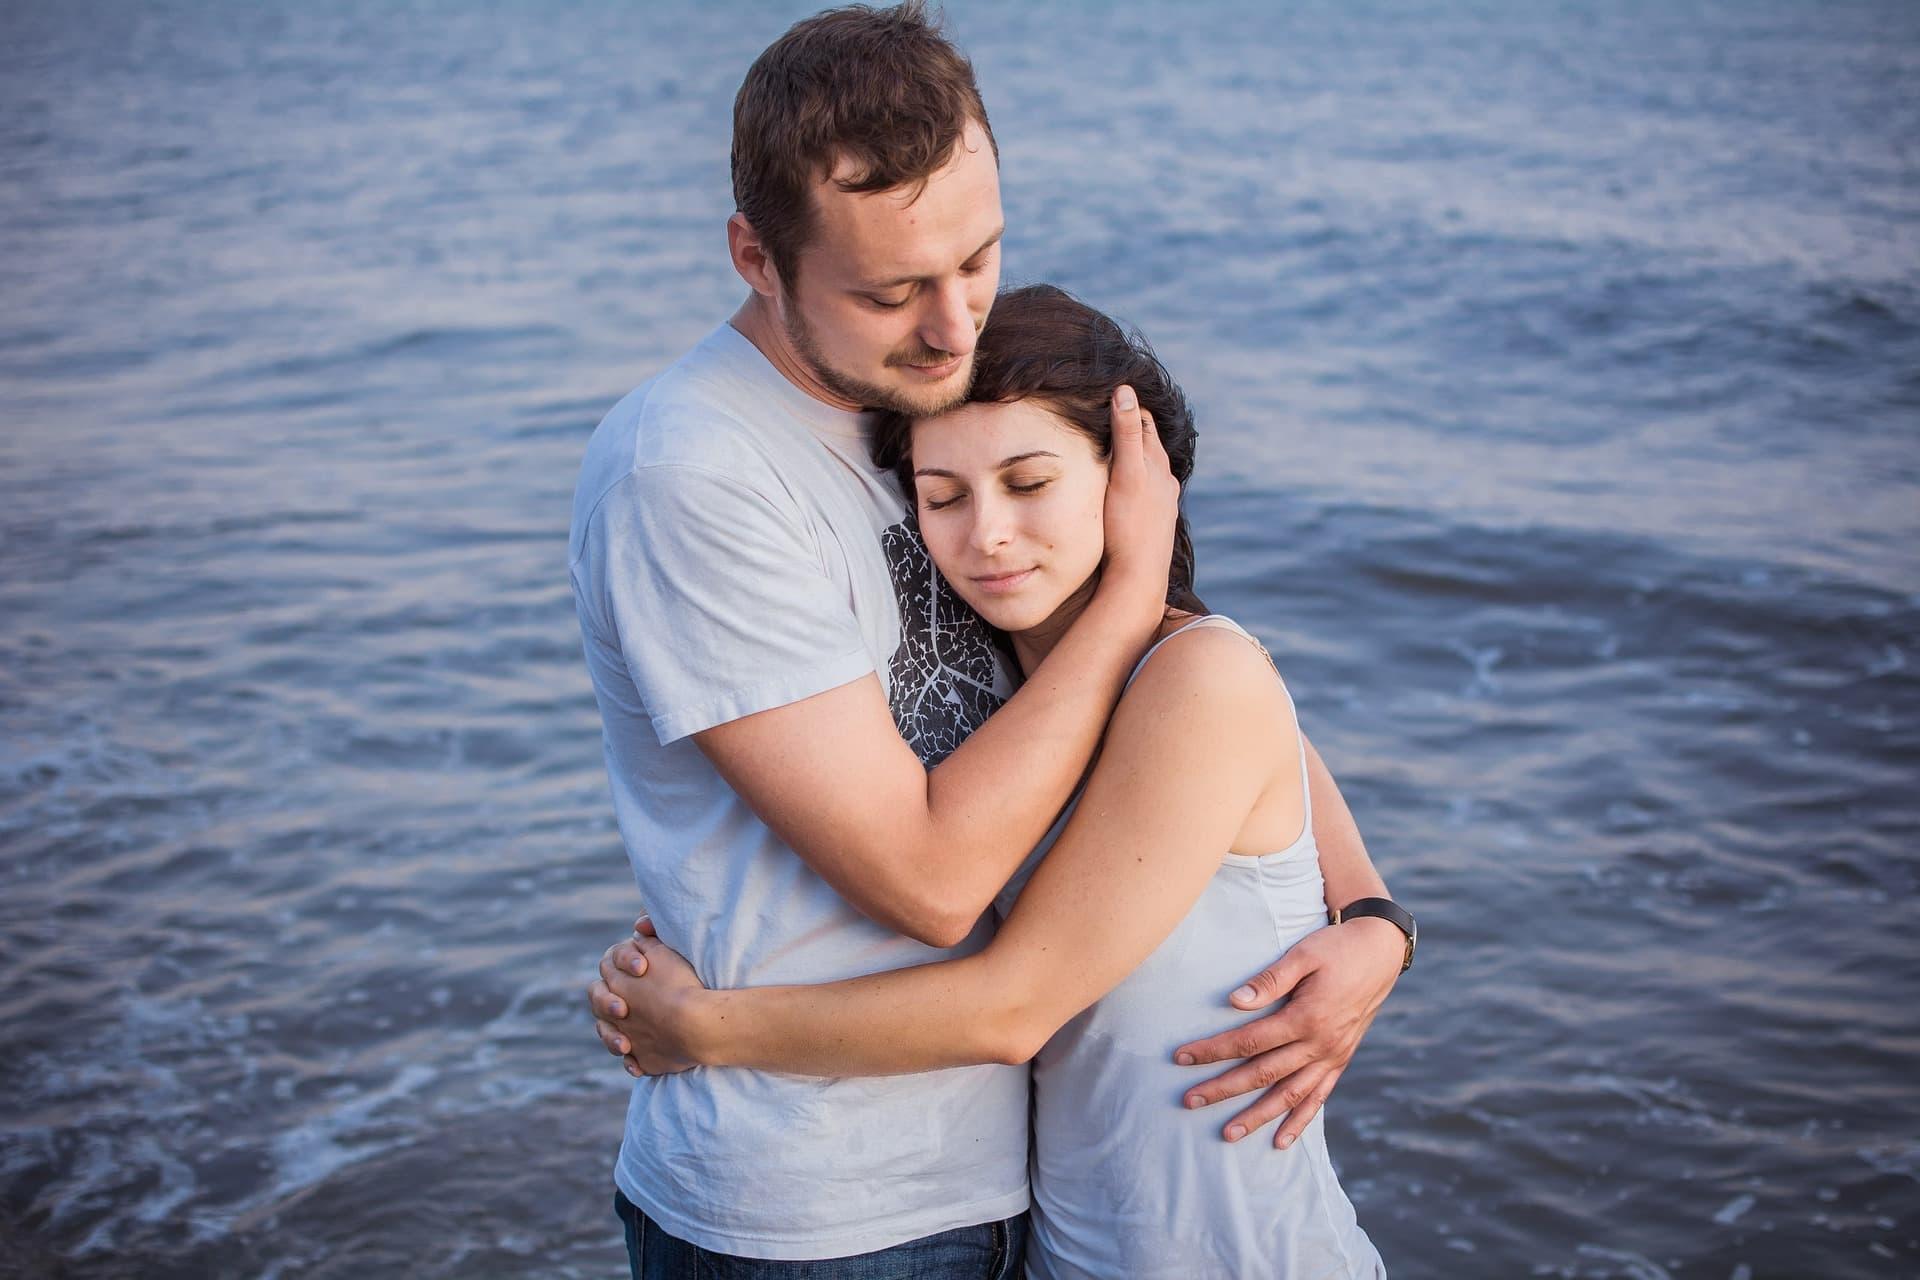 Чтобы поднять значимость в отношениях с мужчиной, женщине достаточно мило улыбнуться, слегка пошутить и подойти с объятиями